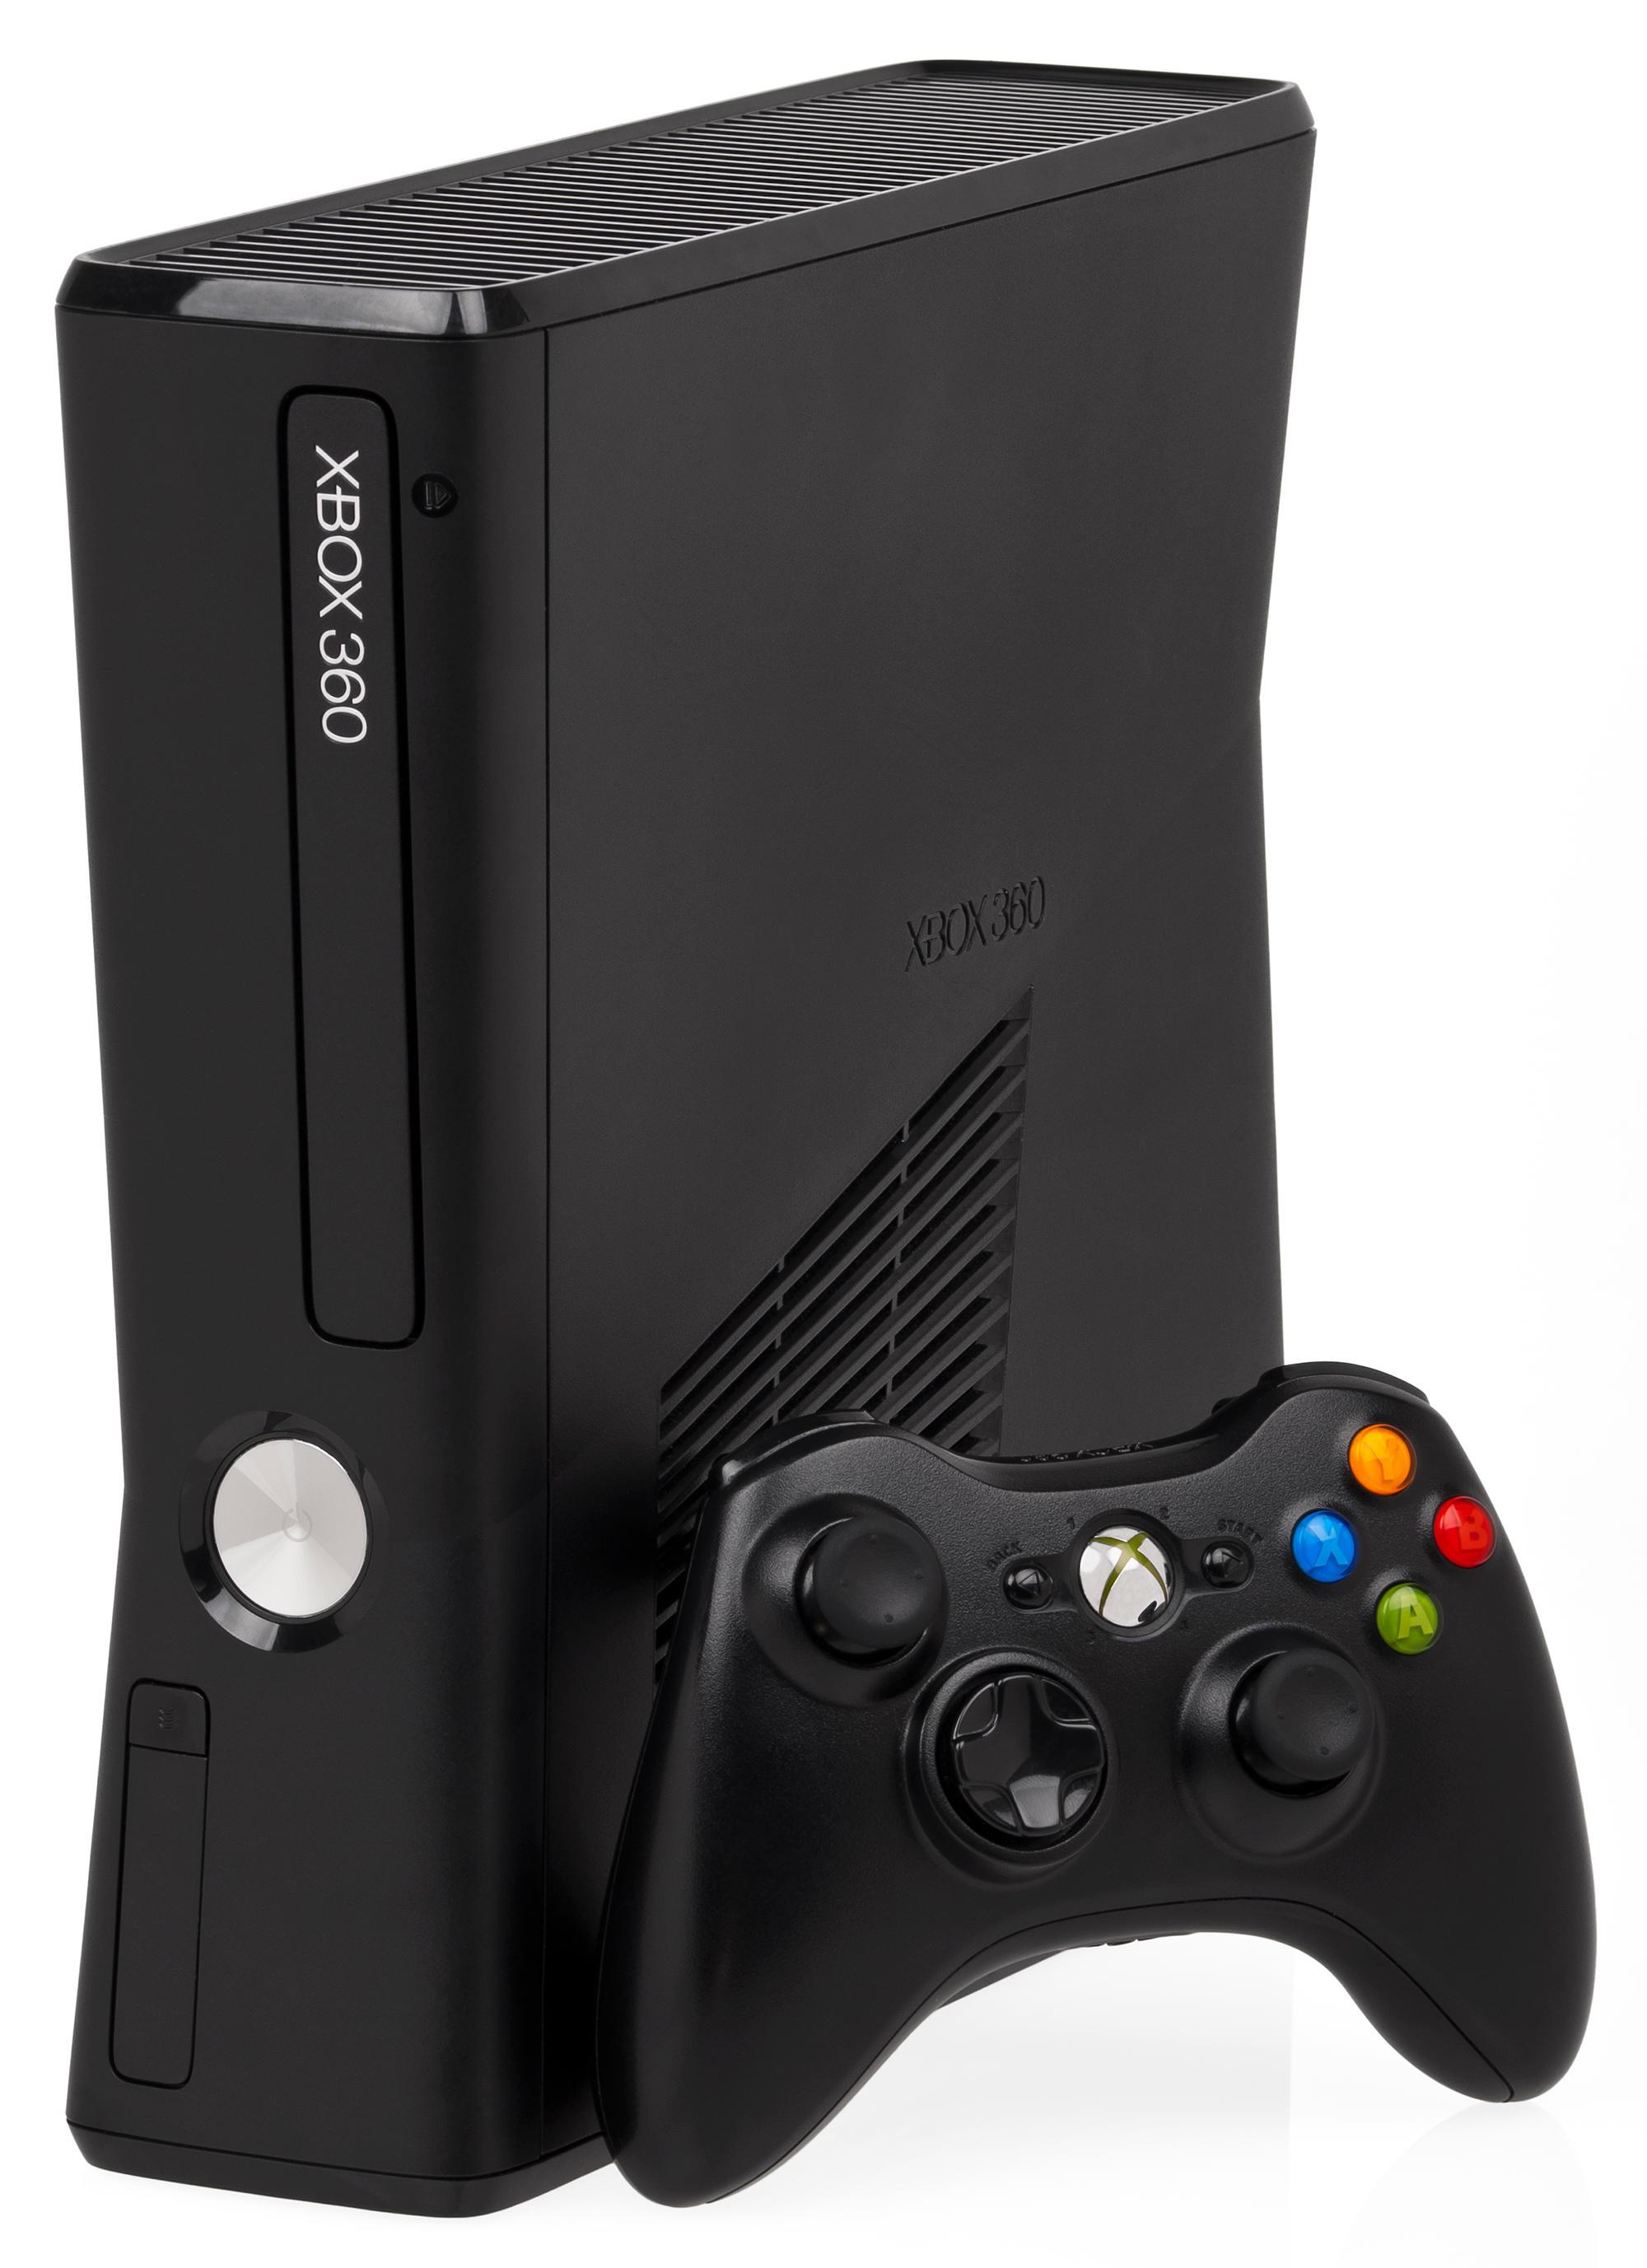 Xbox 360 S console.